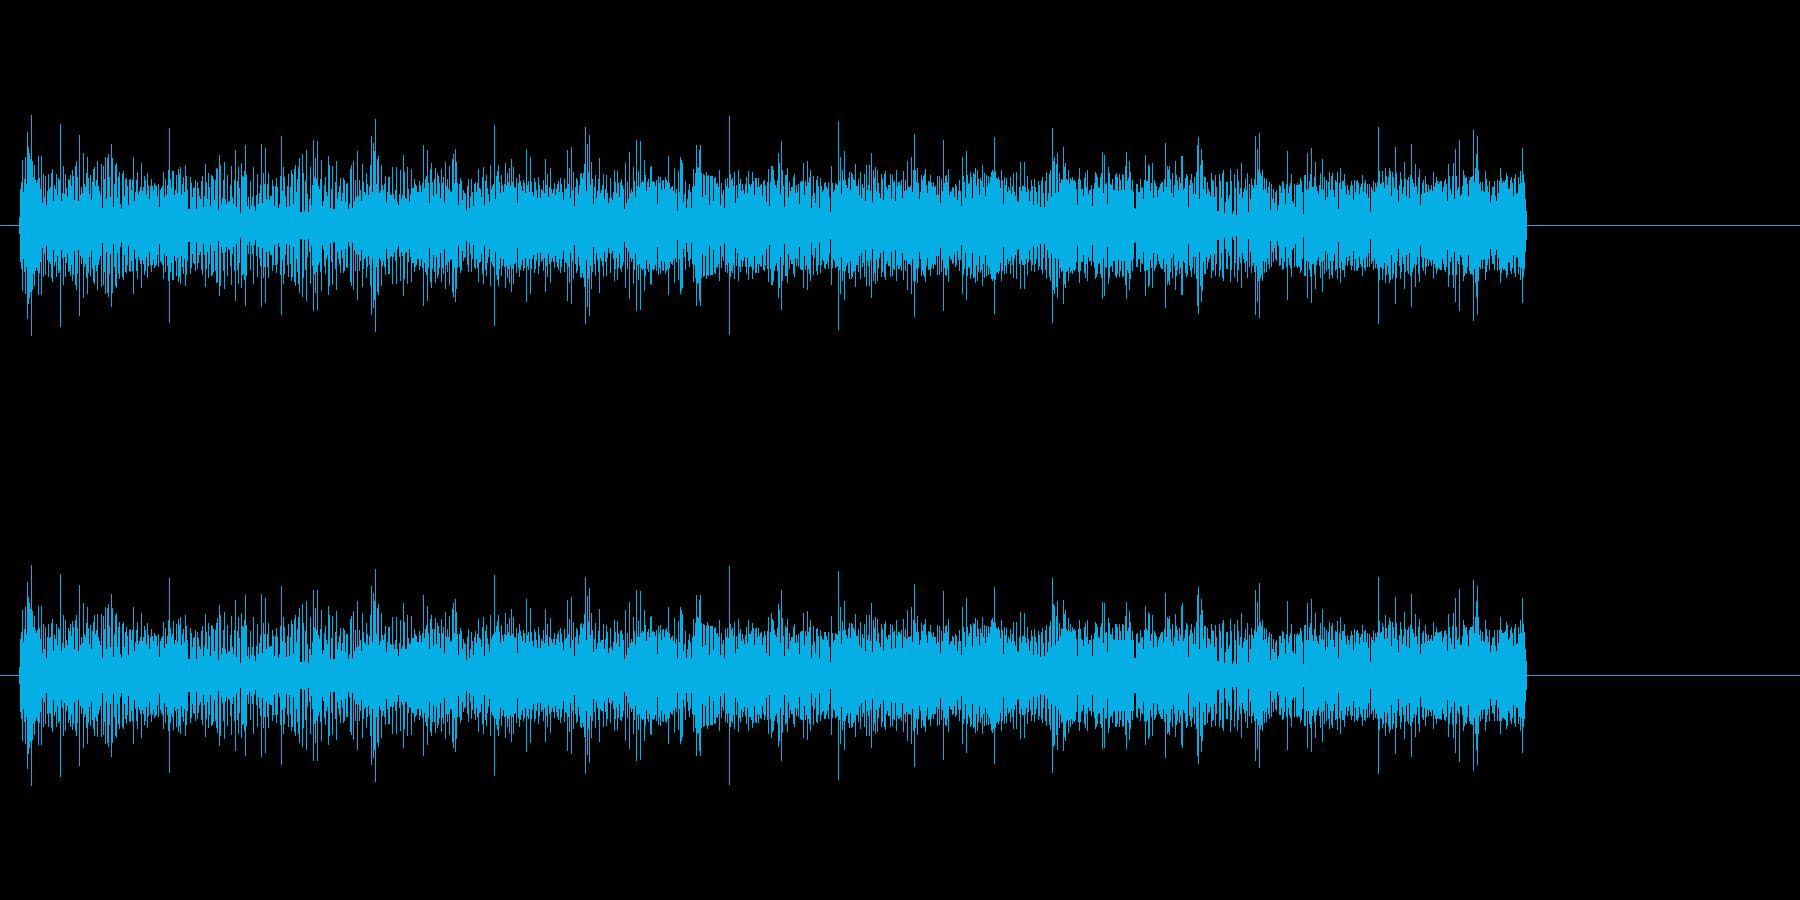 【電流01-1】の再生済みの波形